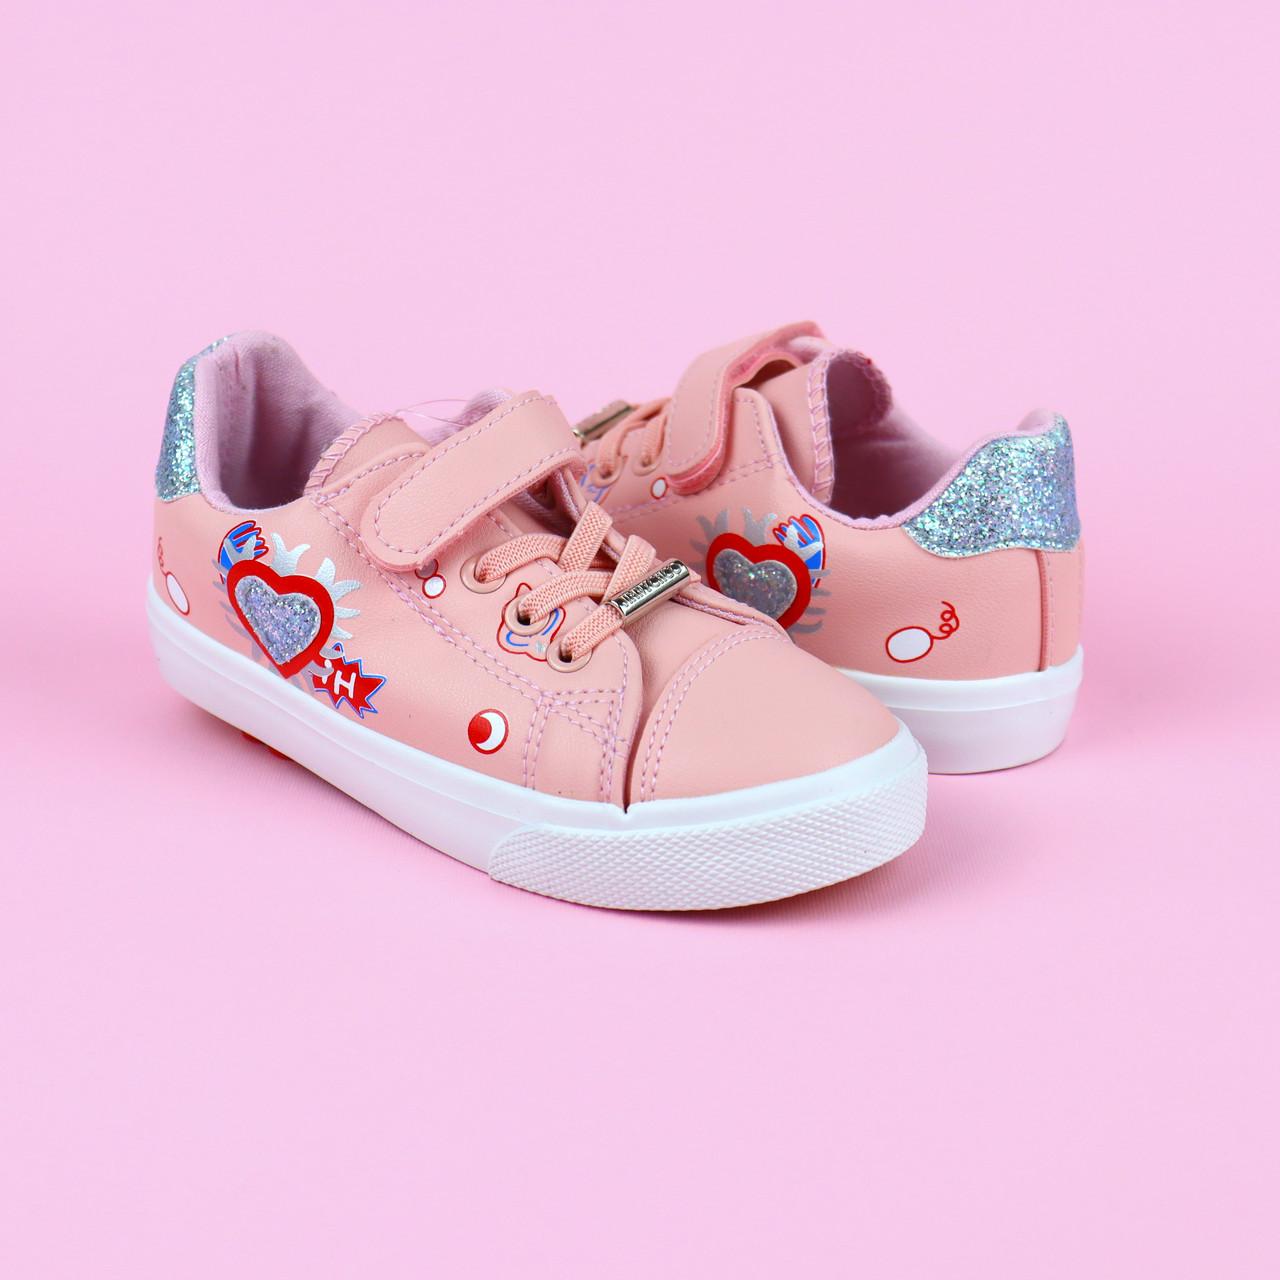 7075A Детские розовые кеды для девочки тм Tom.M размер 25,26,27,28,29,30